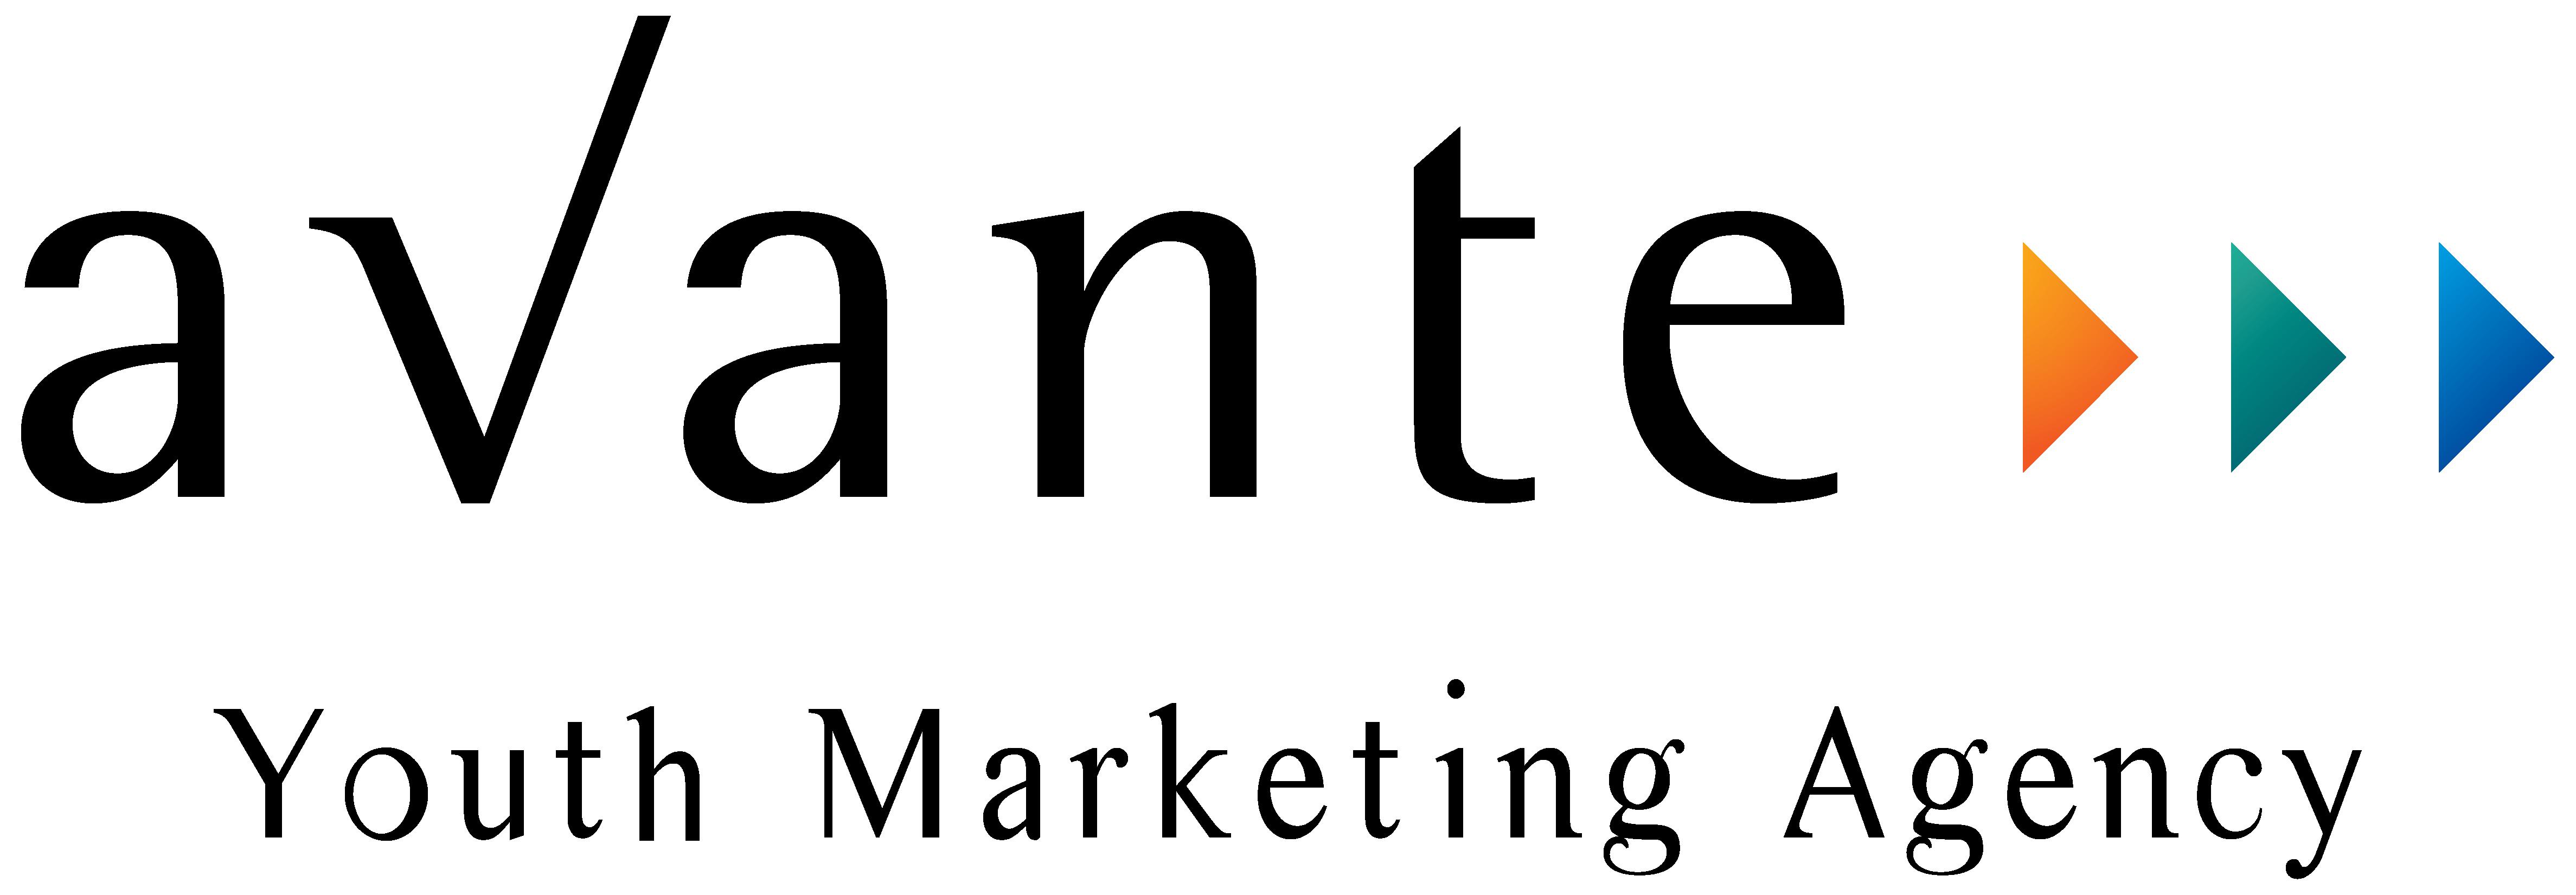 FP Avante – Youth Marketing Agency Logo